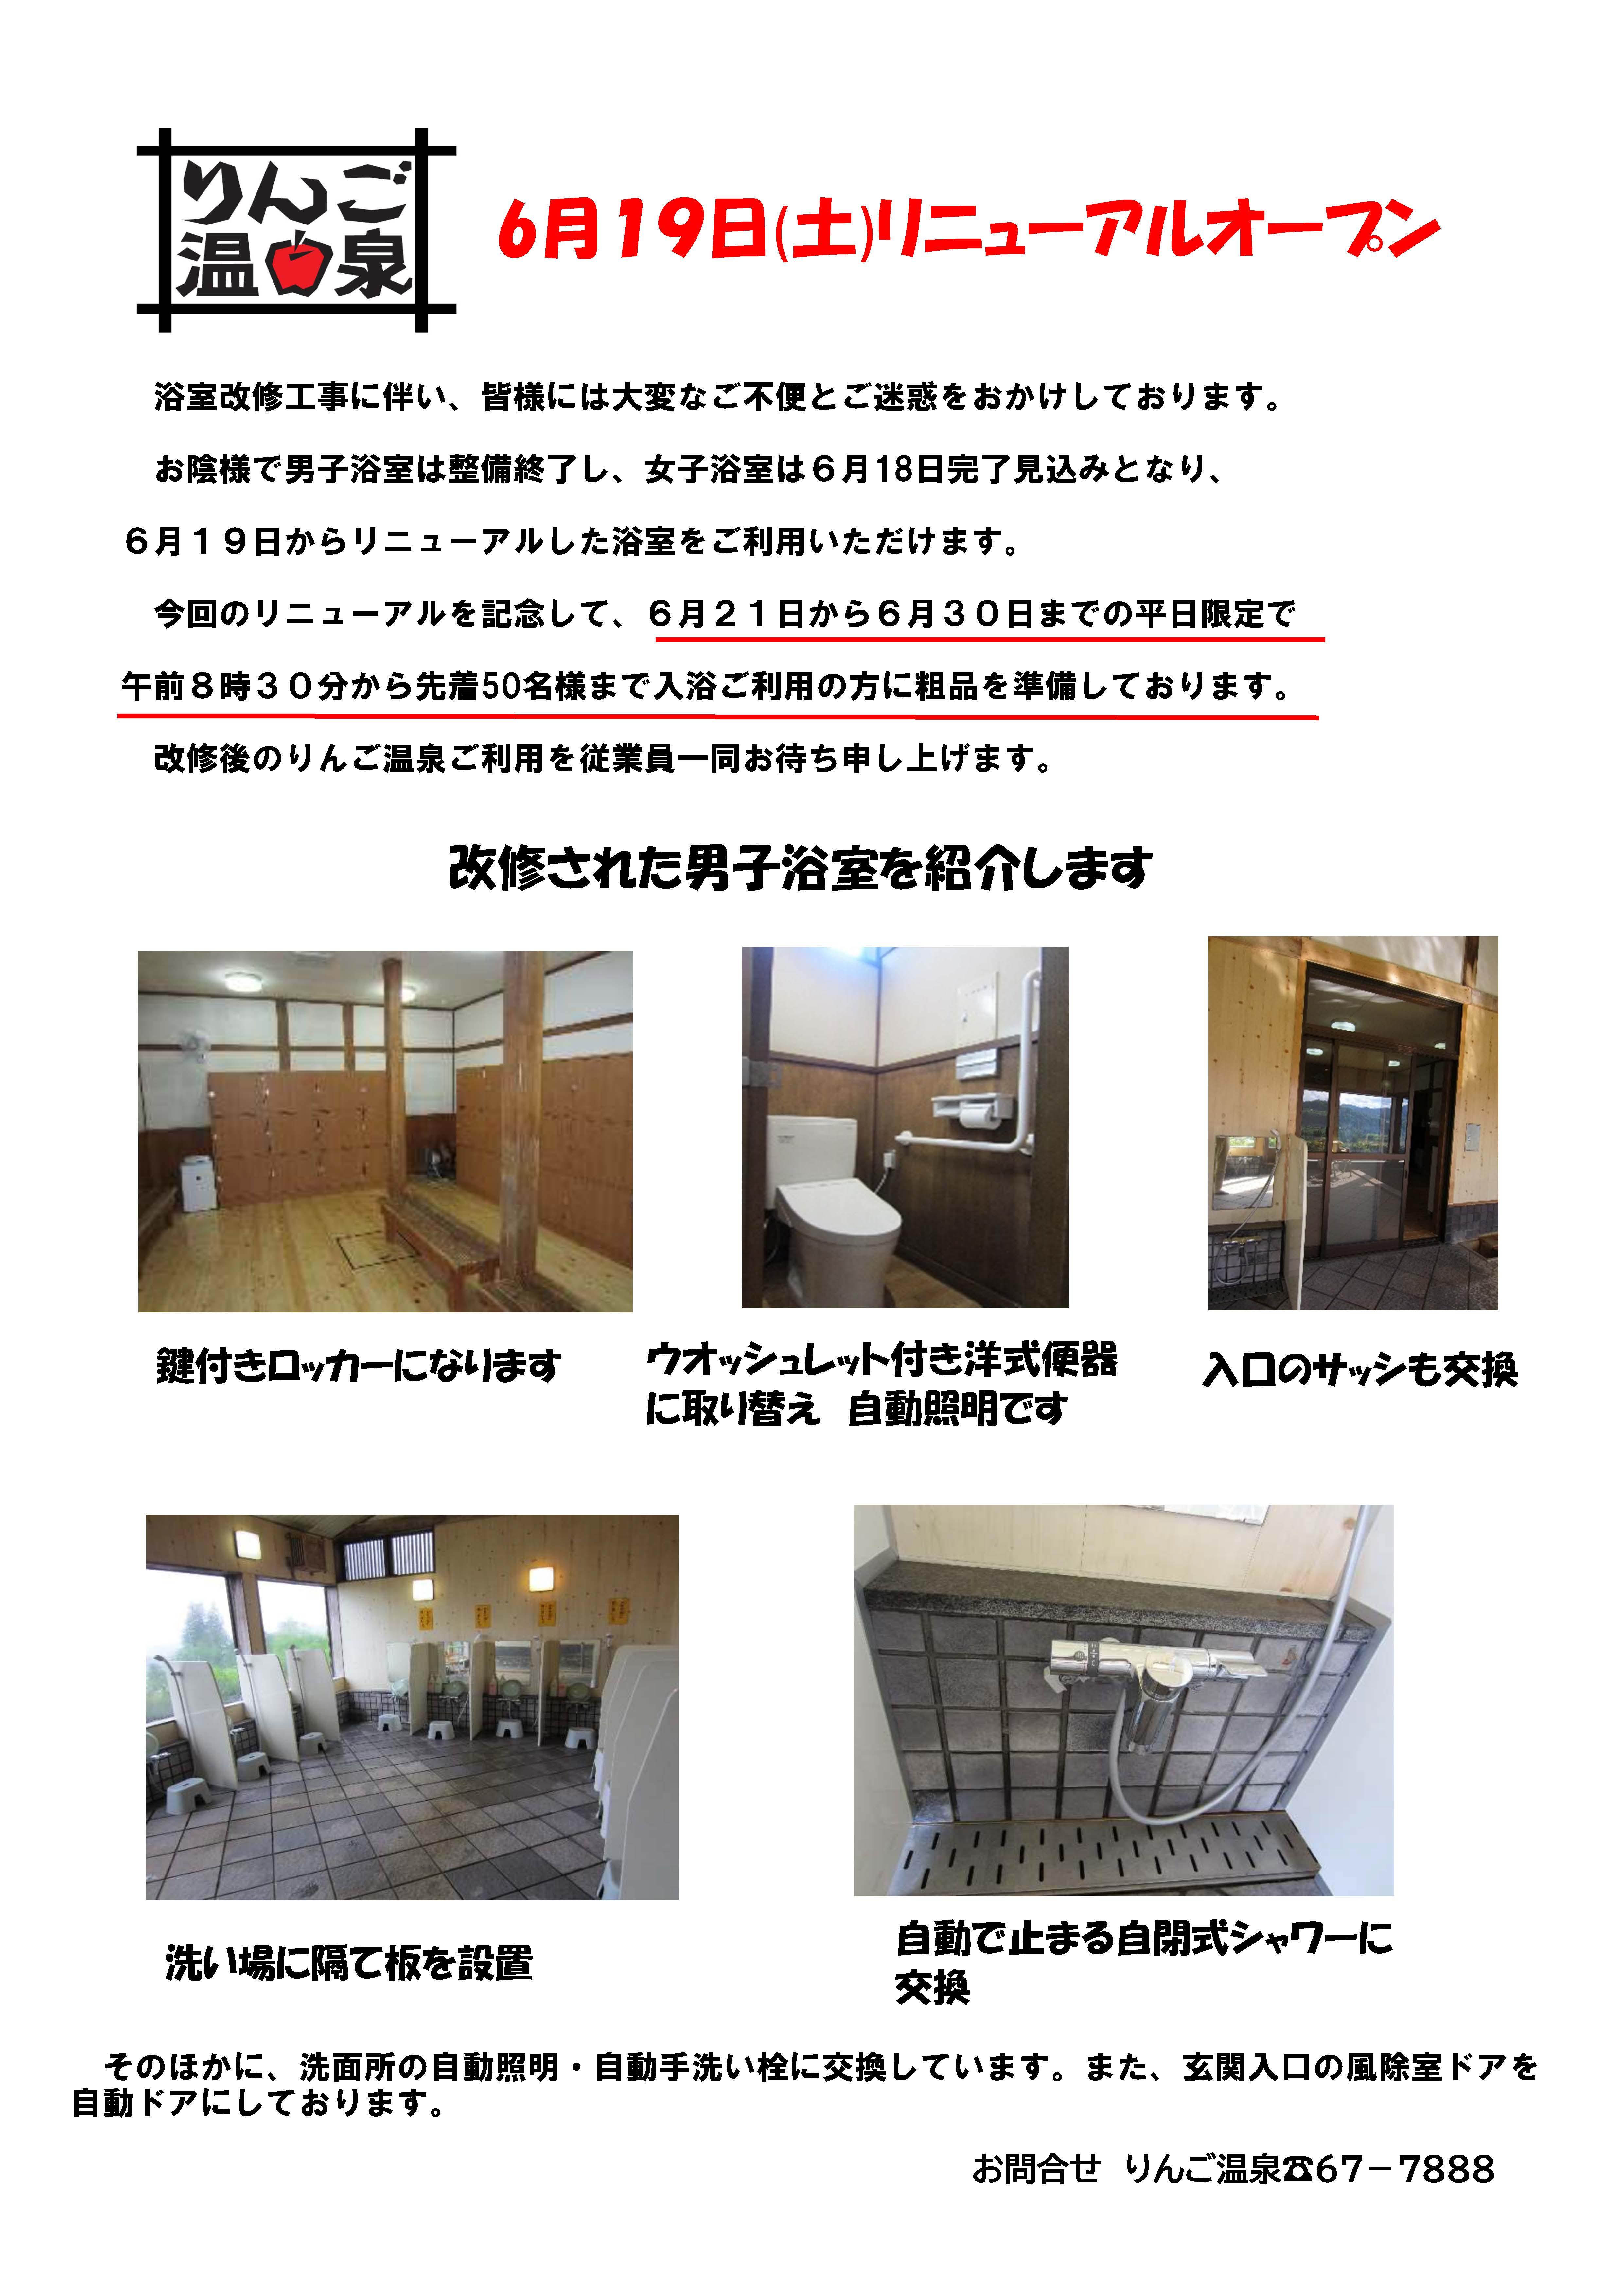 【お知らせ】6/19 りんご温泉浴室リニューアルオープン:画像